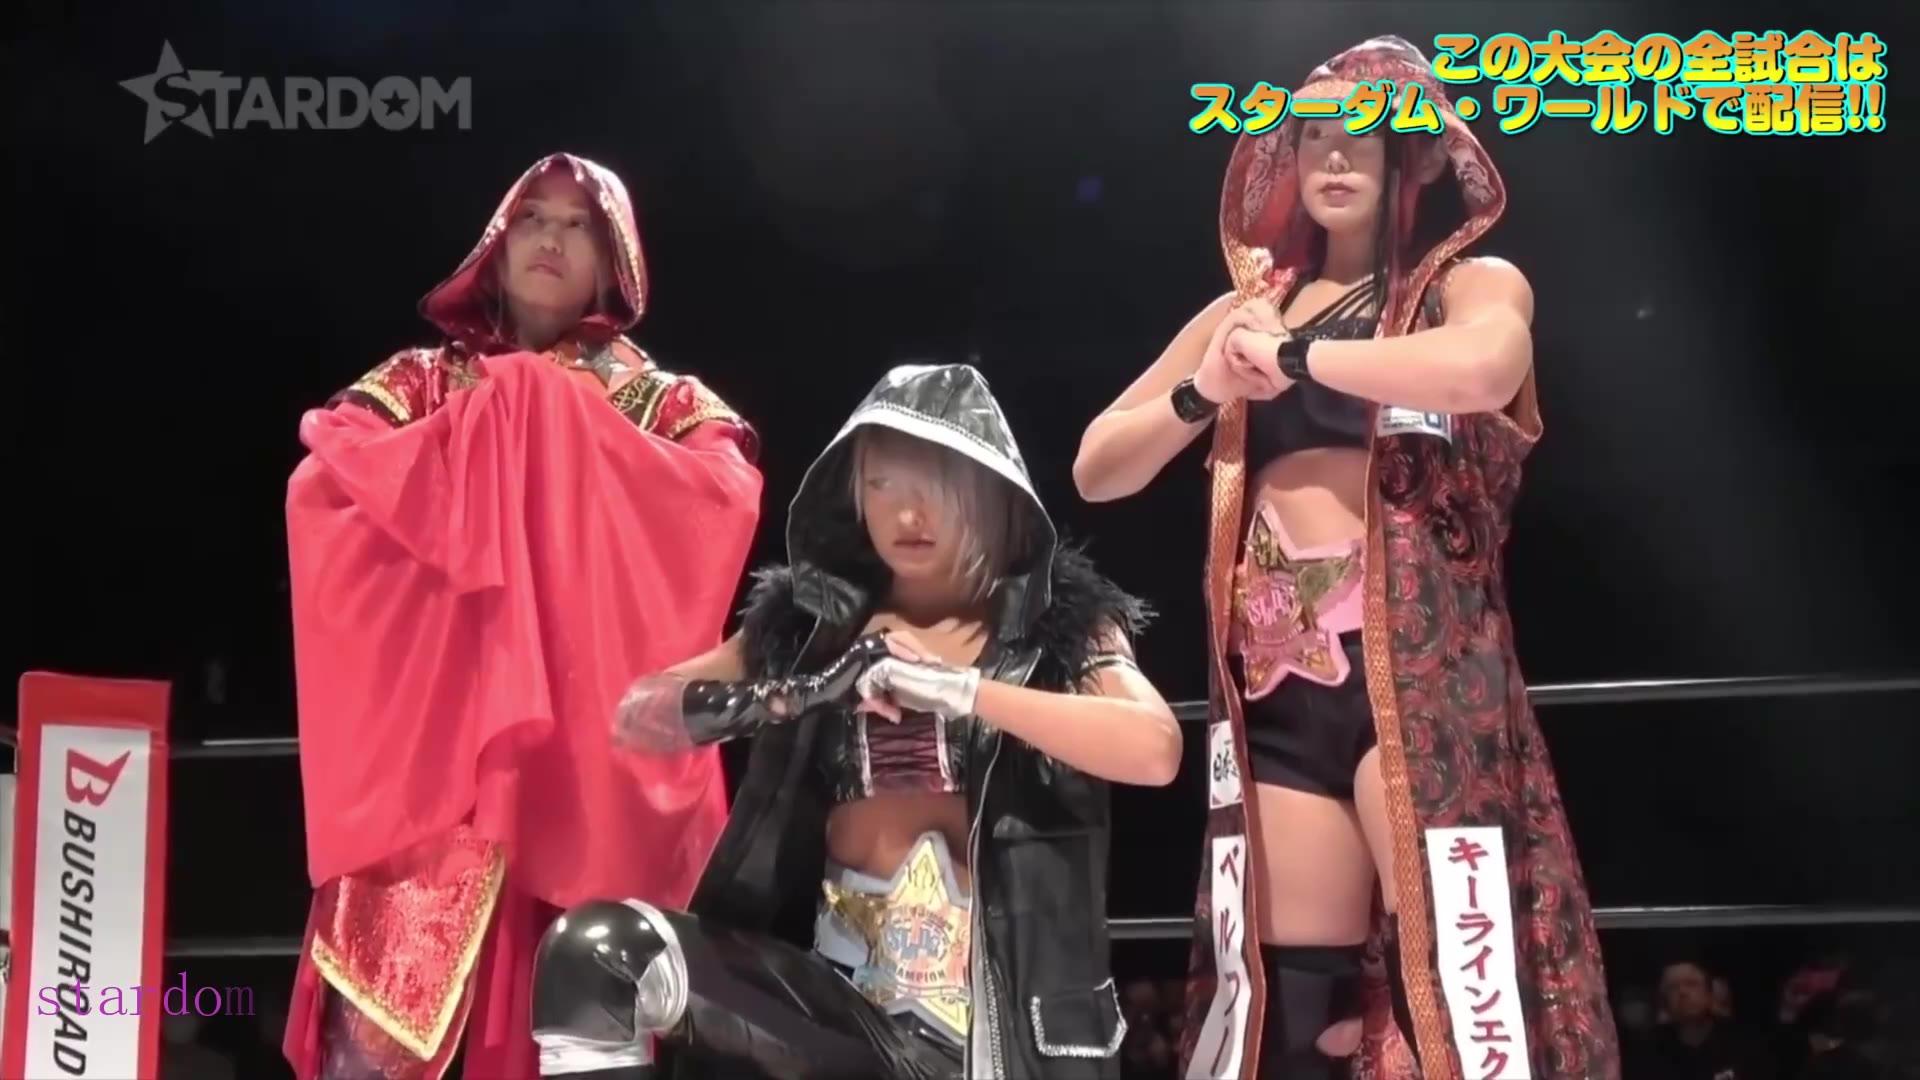 日本女子摔跤Stardom-2020.2.15 里歩,中野たむ,飯田沙耶 vs ジュリア,舞華,朱里